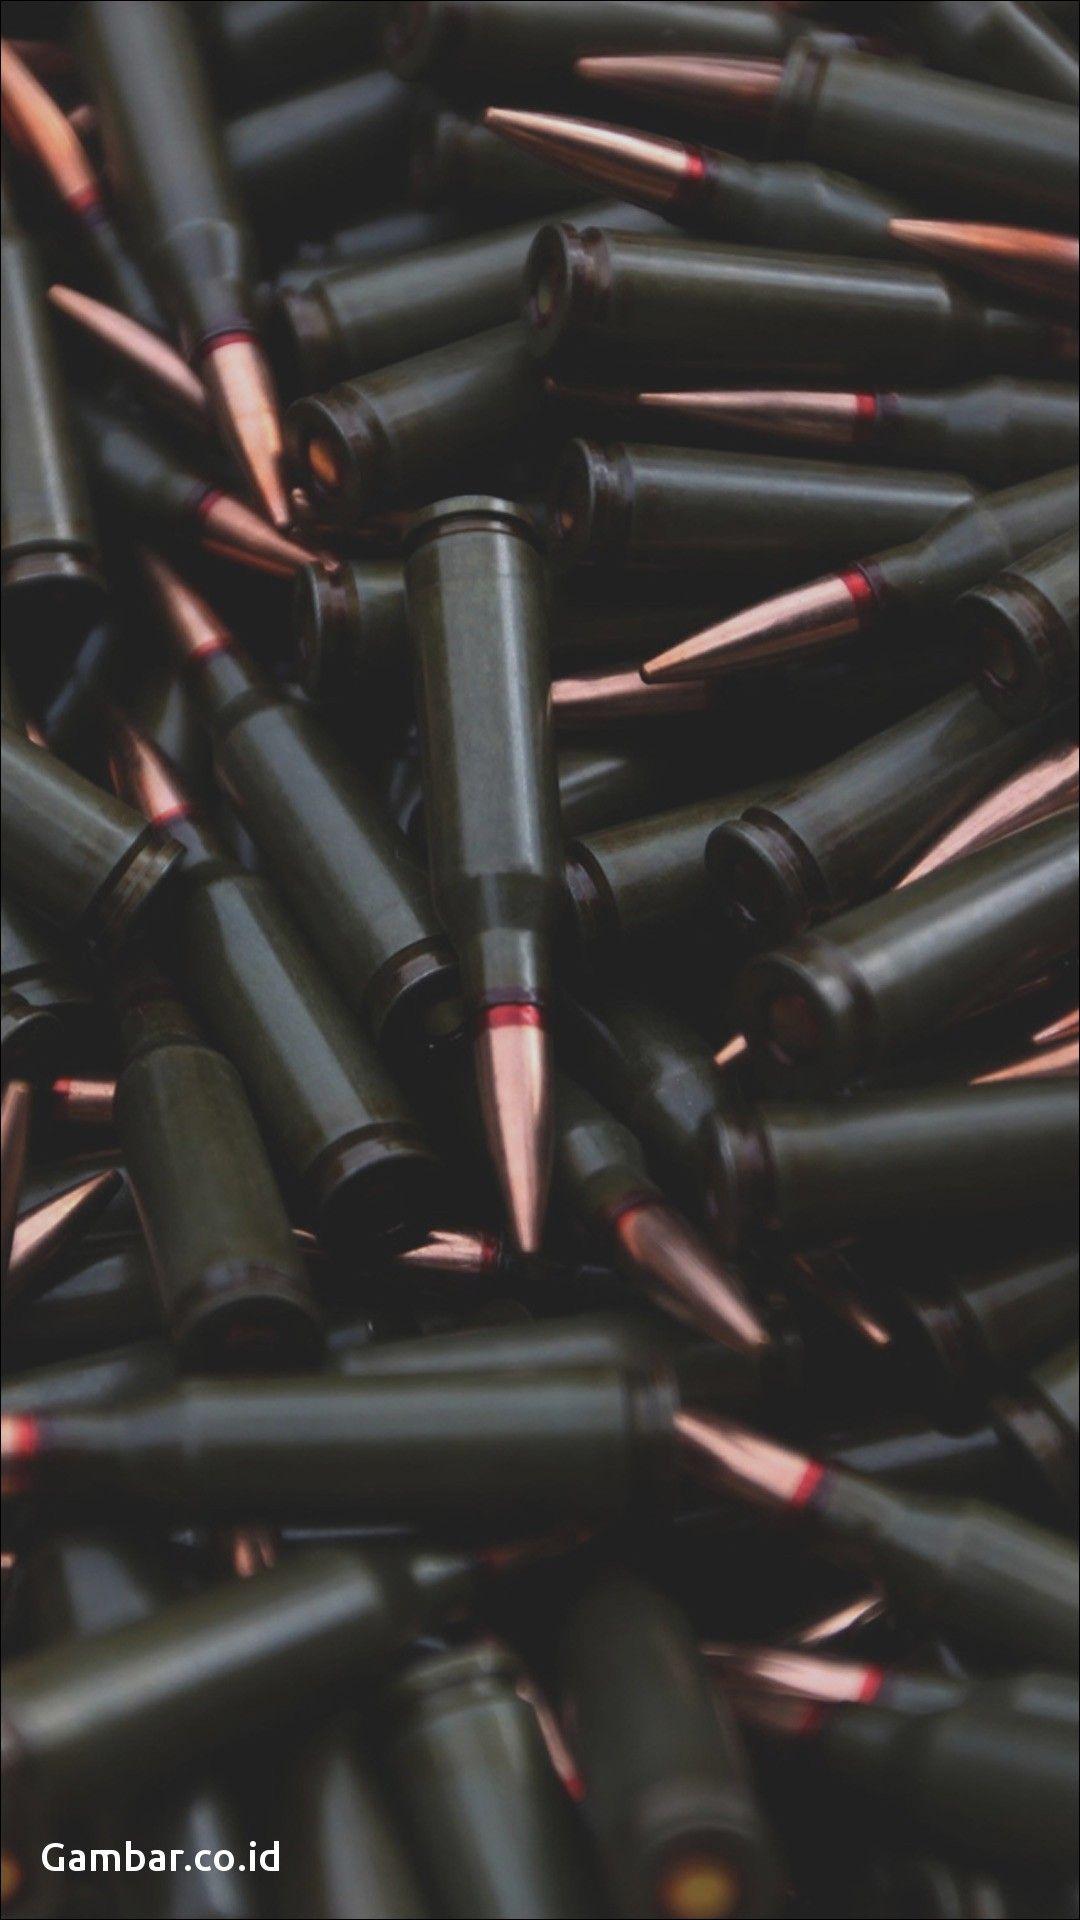 Wallpaper Iphone Army Military Bullet Stack Iphone 7 Wallpaper Peluru Senjata Api Senapan